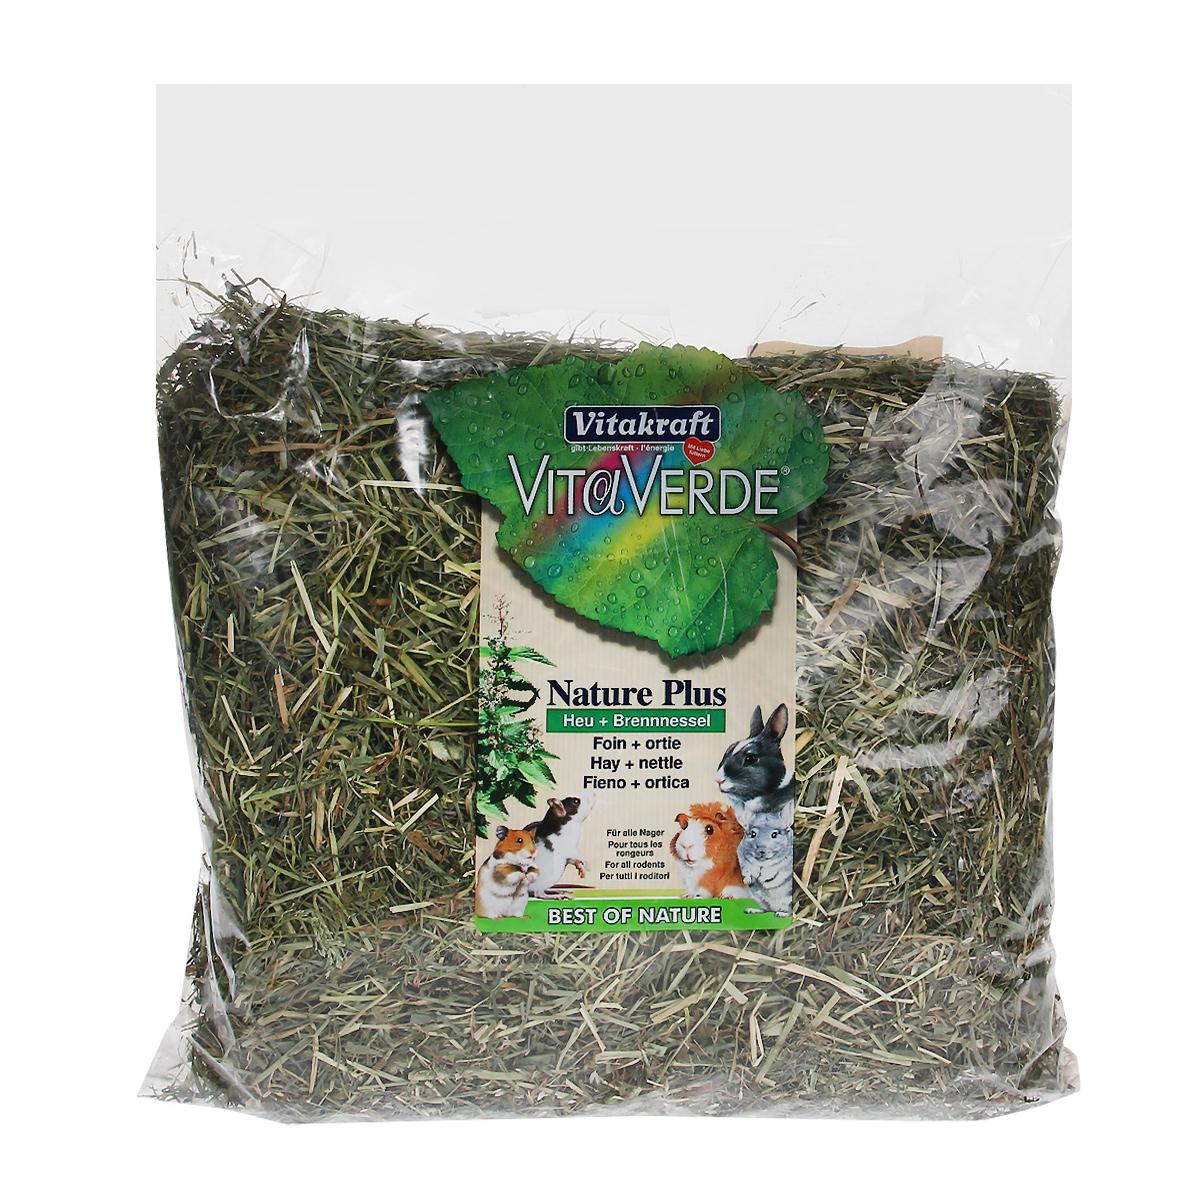 Сено луговое Vitakraft Vita Verde, с крапивой, 500 г0120710Сено луговое Vitakraft Vita Verde с крапивой из тщательно отобранных луговых трав. В листьях крапивы содержится большое количество каротина, что помогает укрепить иммунную систему организма и стимулирует правильный обмен веществ. Сено может быть использовано в качестве наполнителя в клетку и в качестве корма. Ежедневно давайте грызунам свежую порцию сена. Товар сертифицирован.